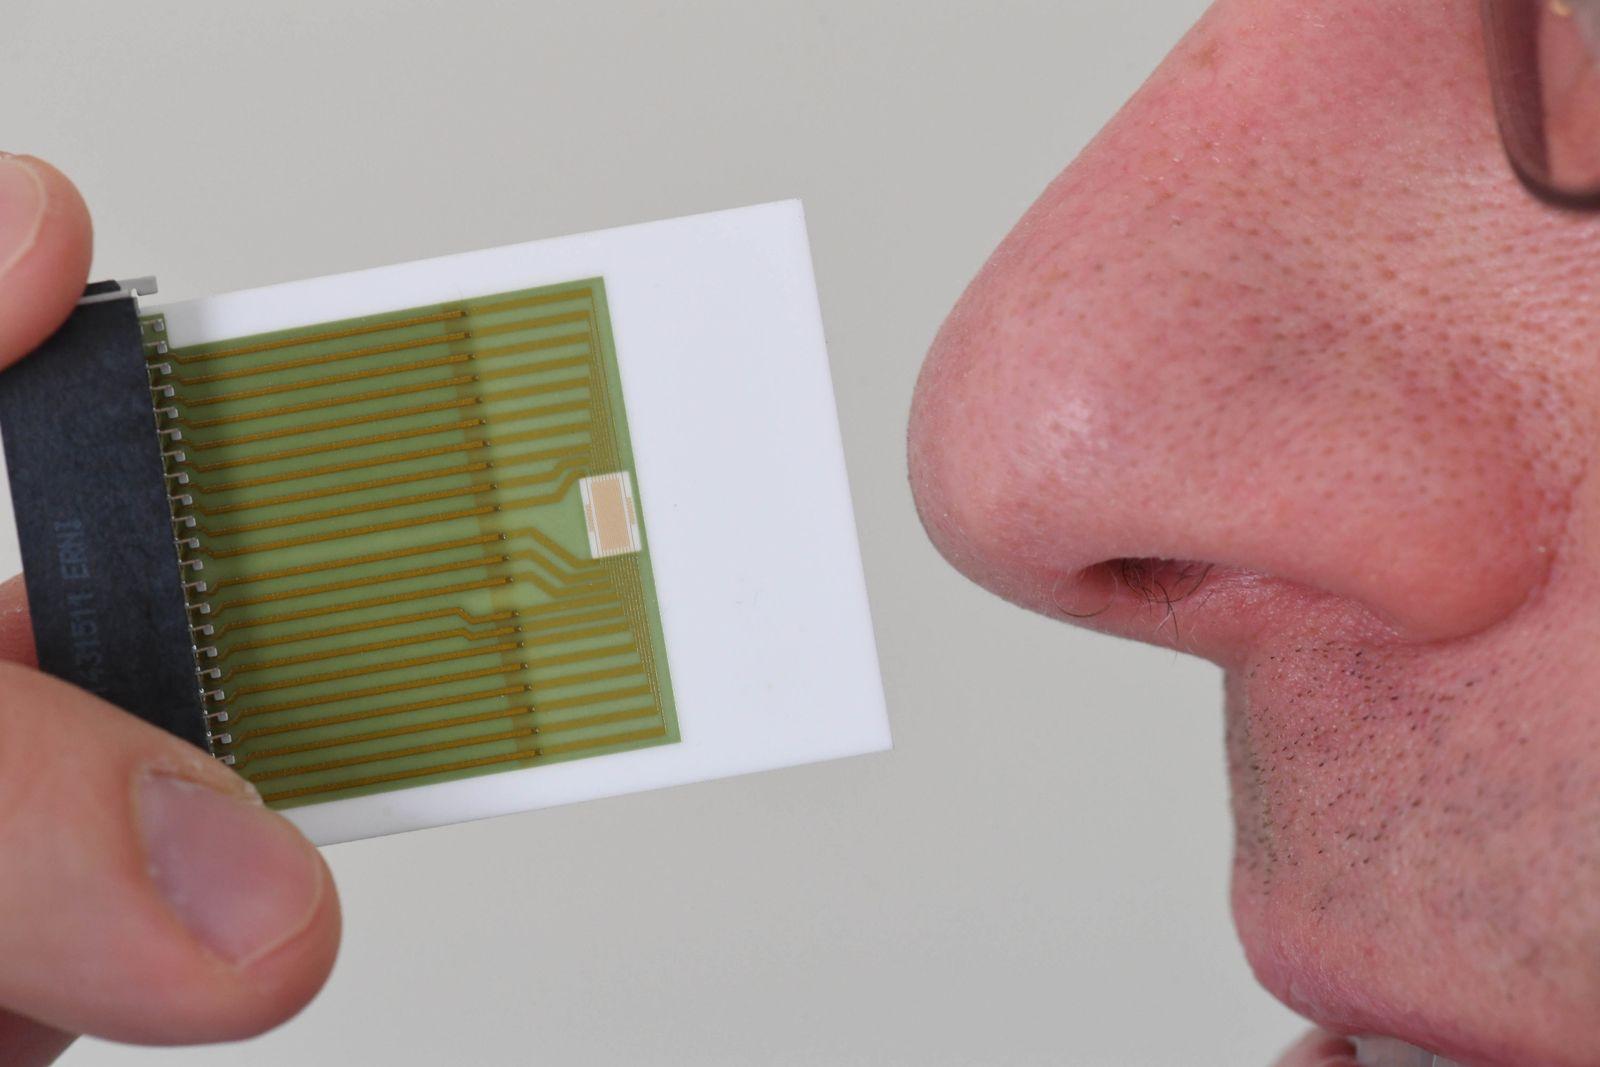 Sensor für unterschiedliche Gerüche